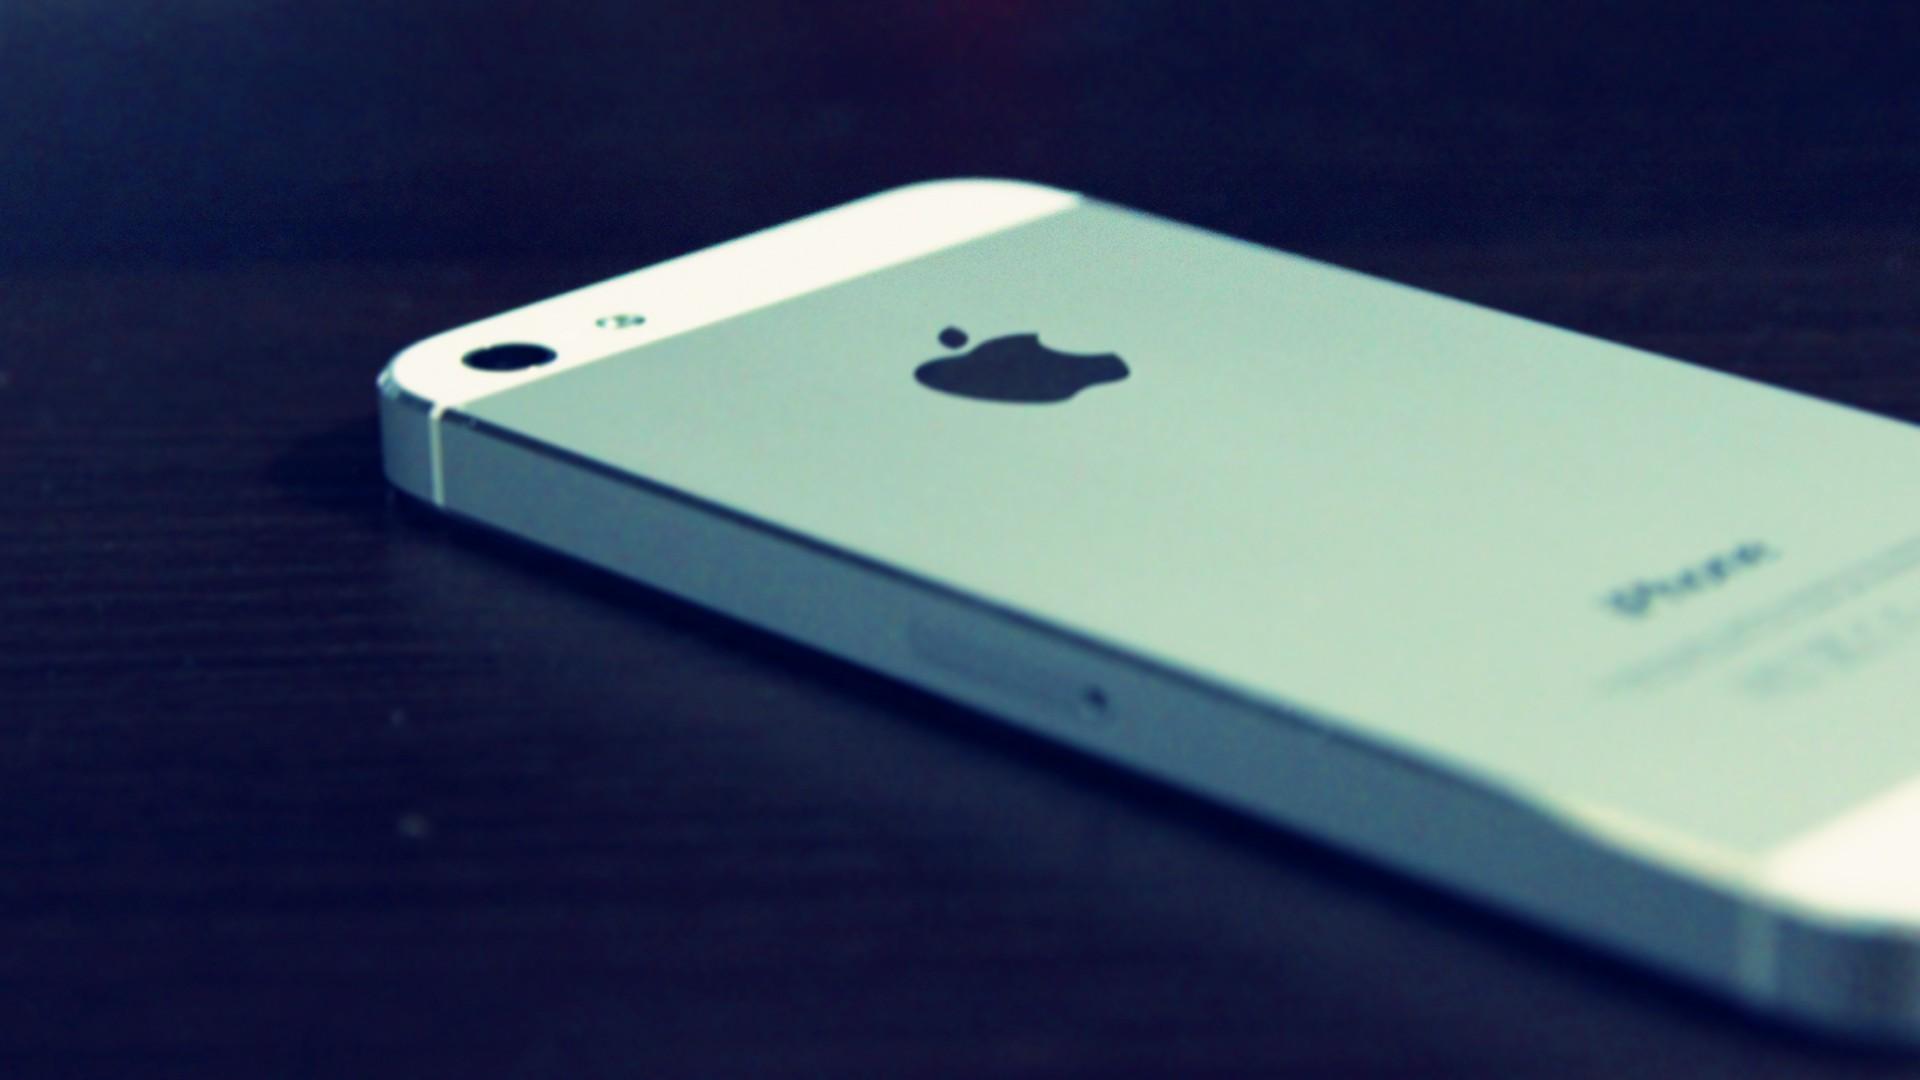 iPhone-5-Wallpaper-HD-Widescreen